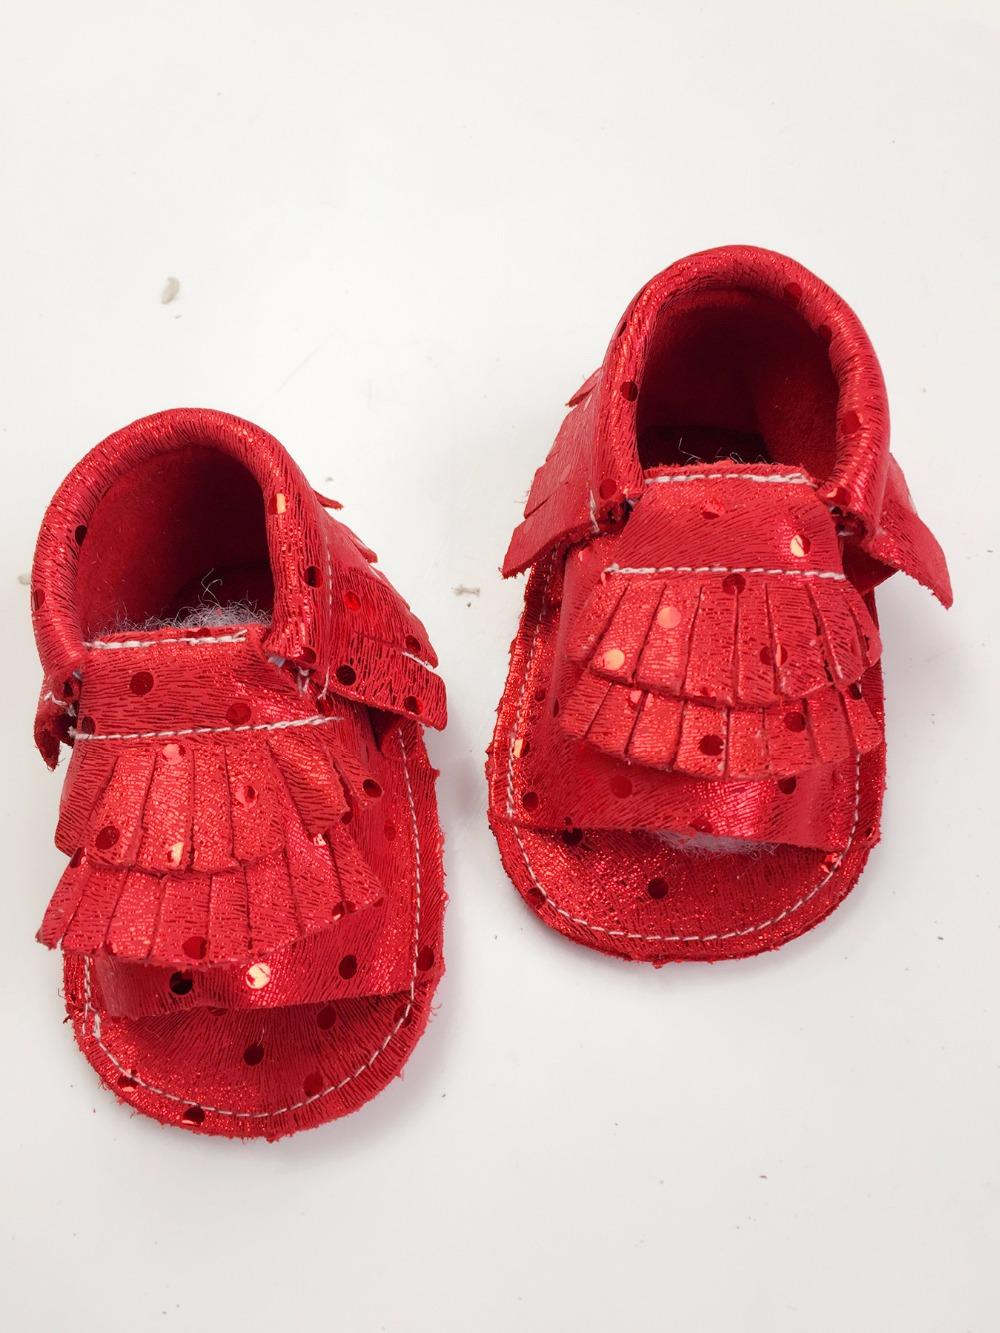 glitter polka dot baby dress shoes handmade